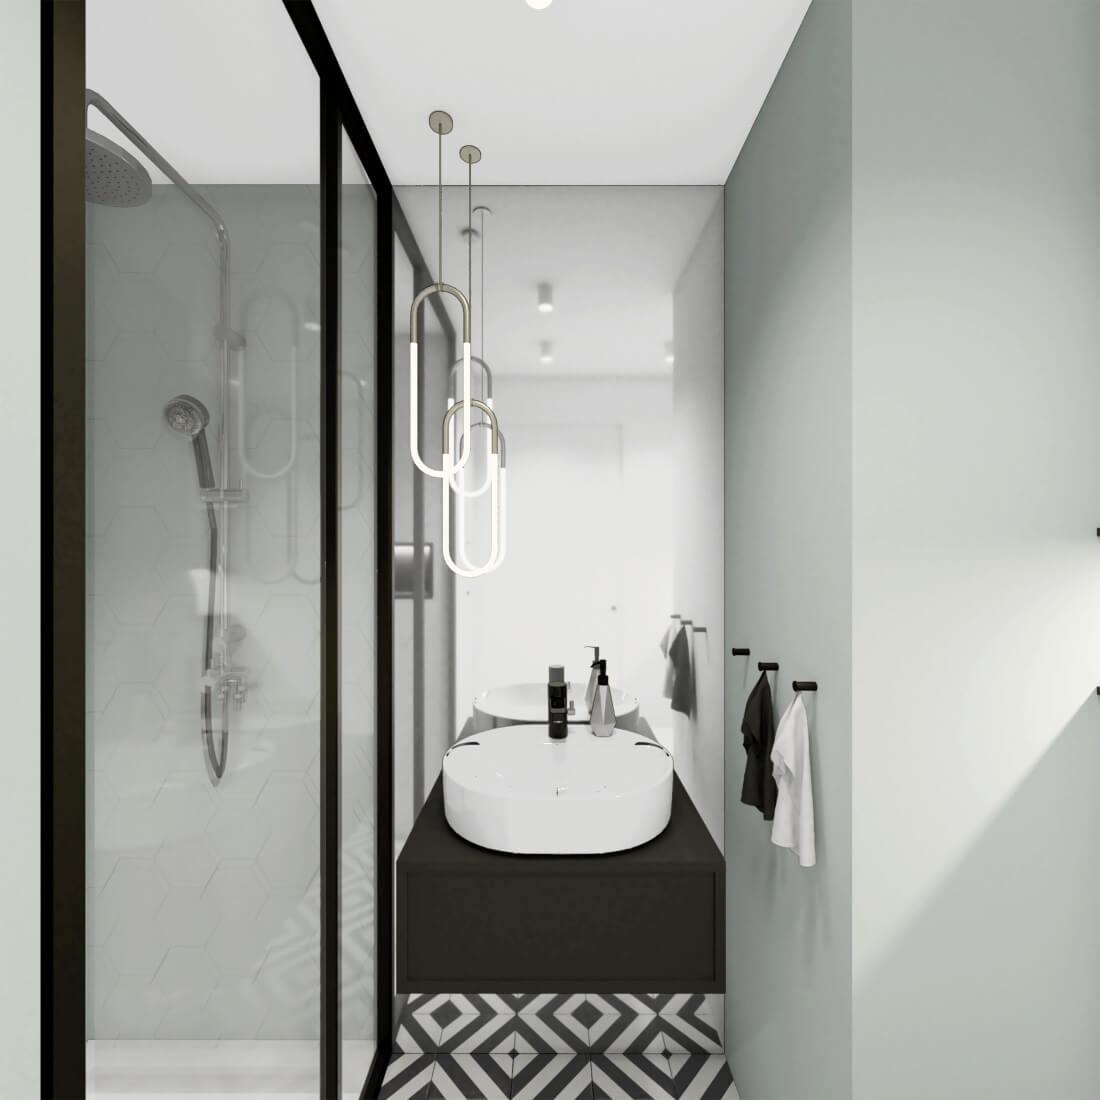 Łazienka z prysznicem w czarnej ramie